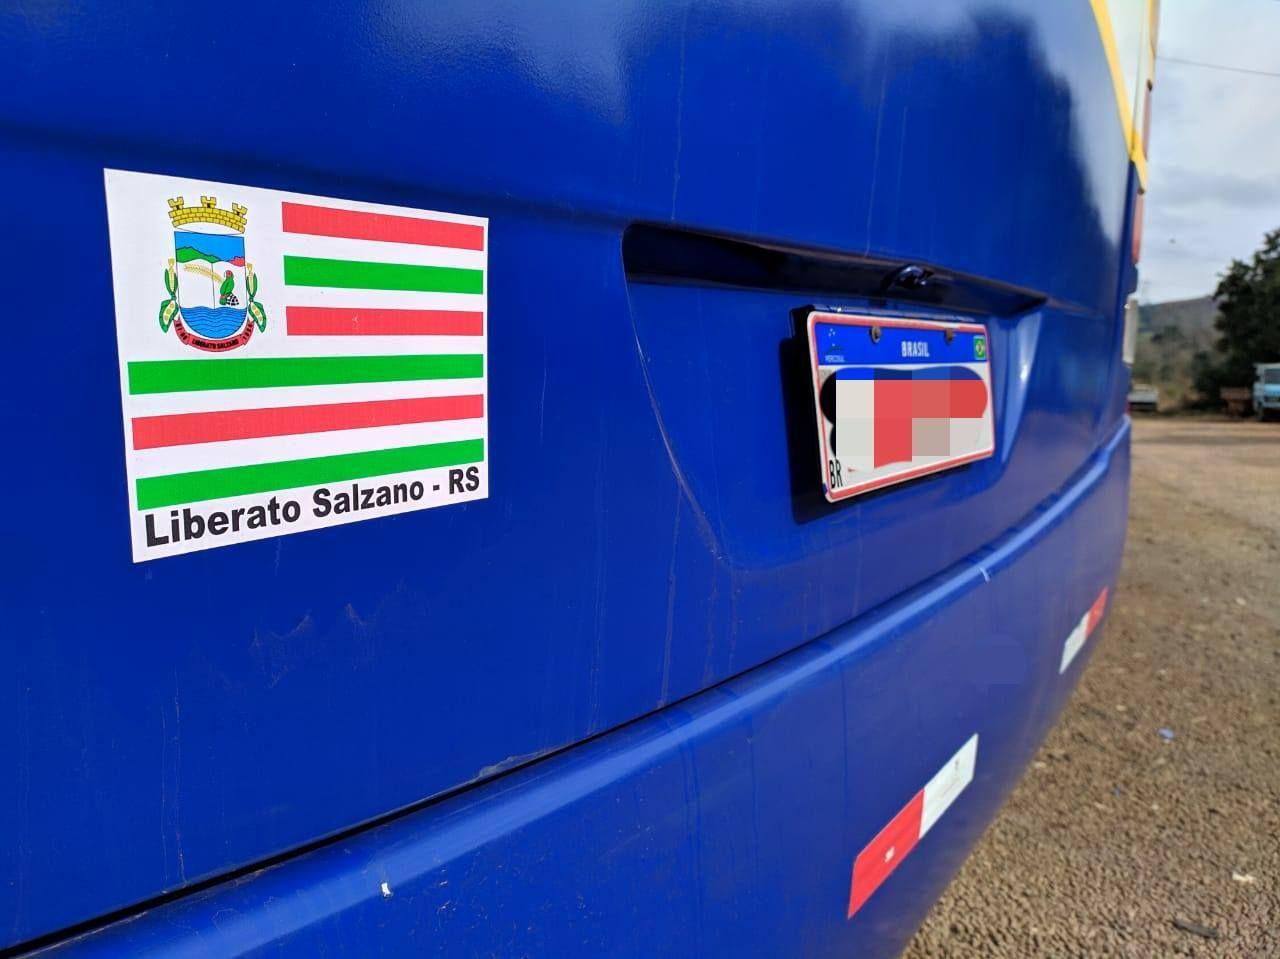 Foto: Reprodução/ Facebook/ Prefeitura de Liberato Salzano